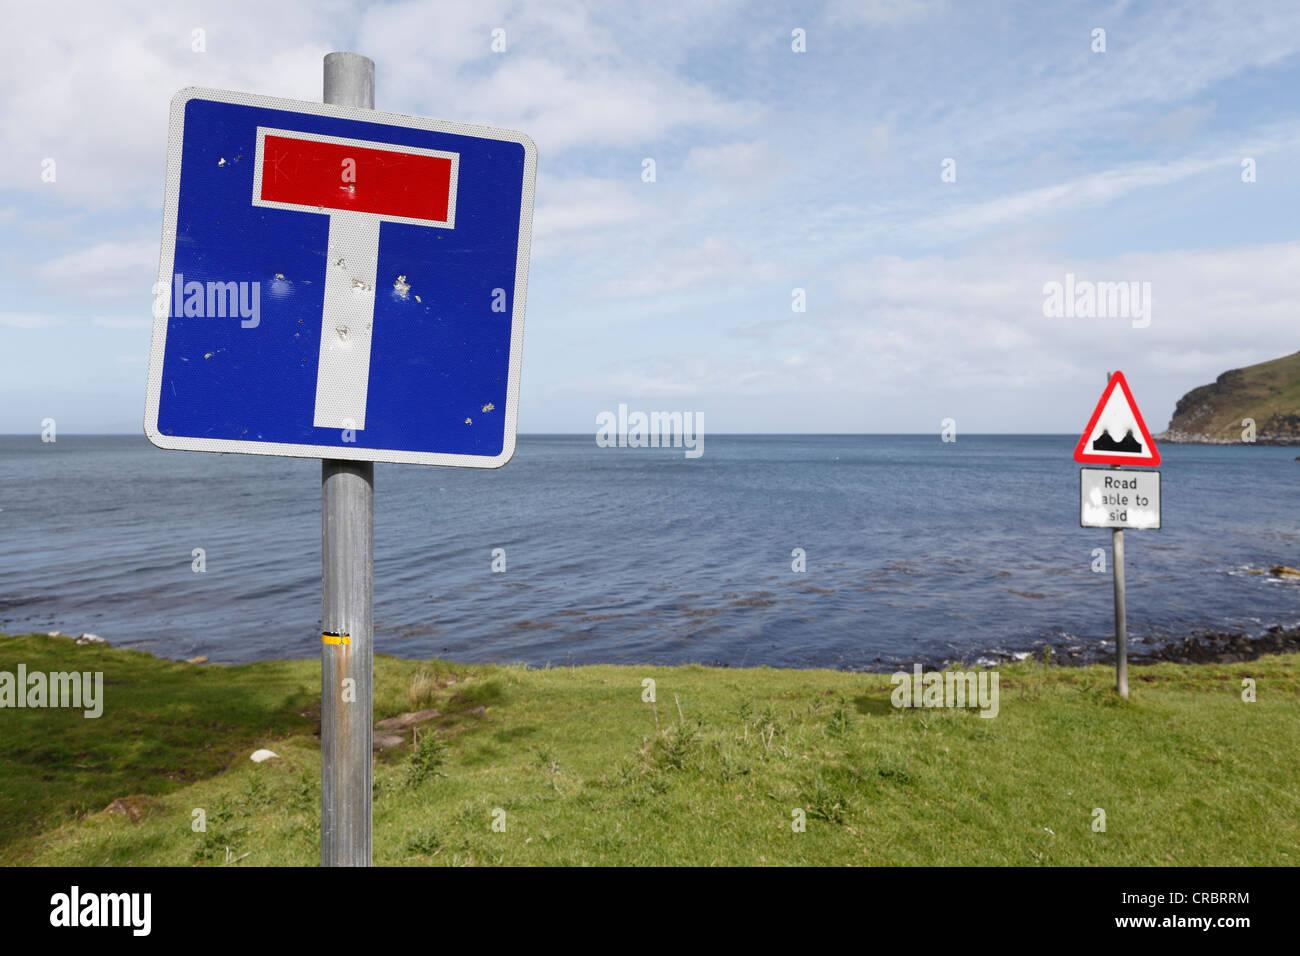 Sign 'dead end' or 'cul-de-sac', Murlough Bay near Ballycastle, County Antrim, Northern Ireland, - Stock Image